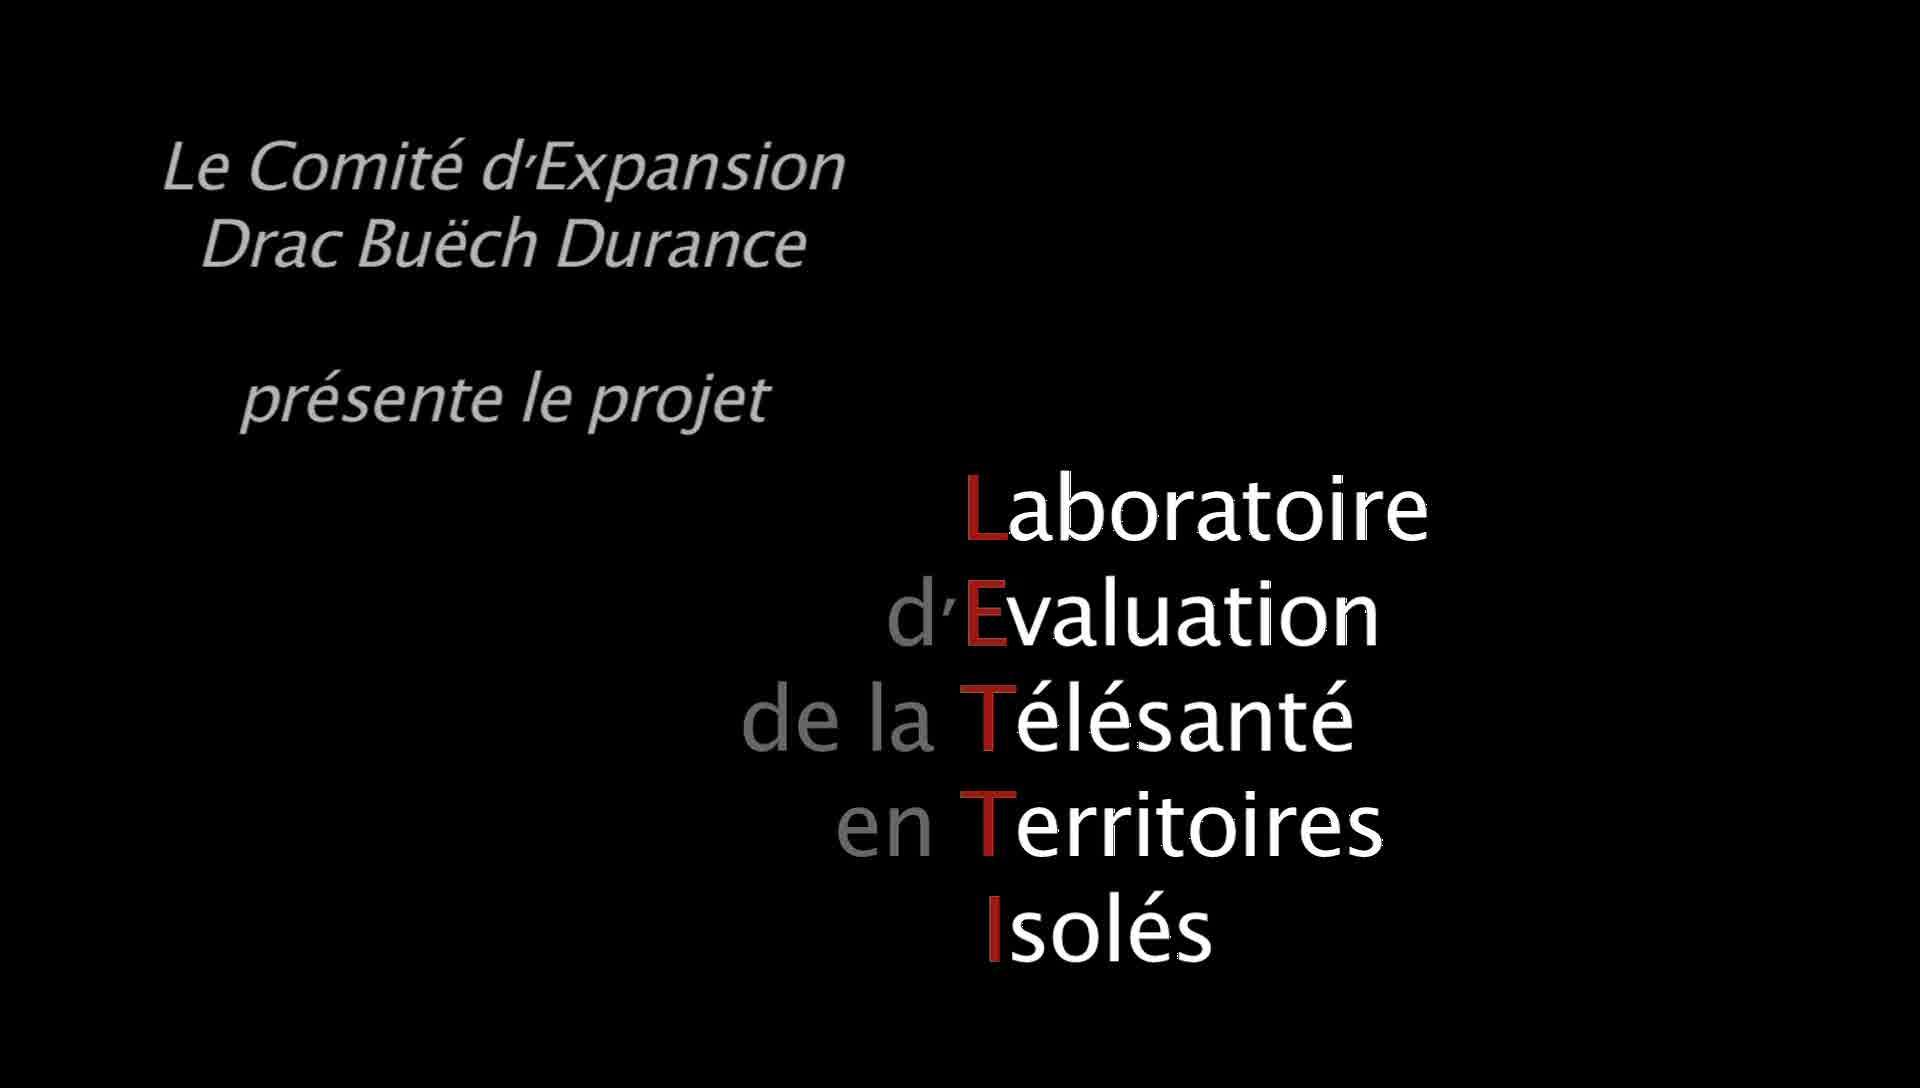 Laboratoire d'Evaluation de la Télésanté en Territoires Isolés